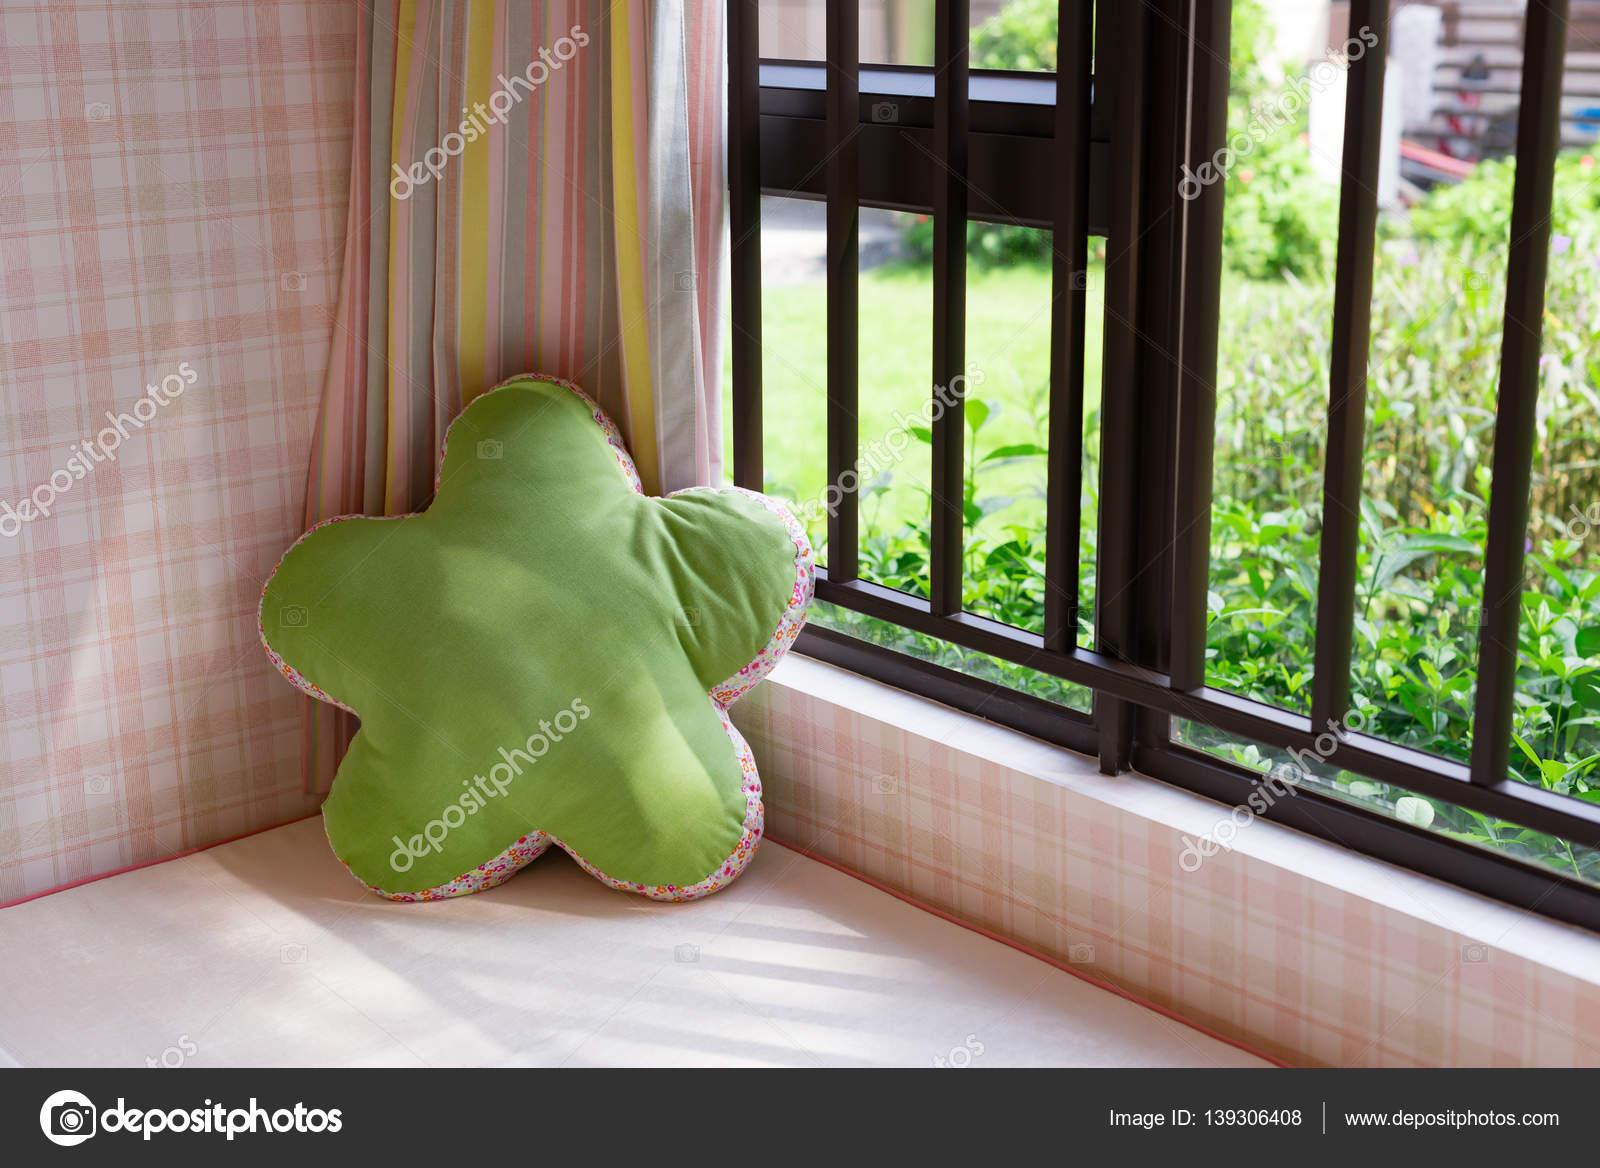 Wundervoll Sitzfensterbank Referenz Von Rastplatz Für Einen Gemütlichen Fensterplatz Mit Grünen